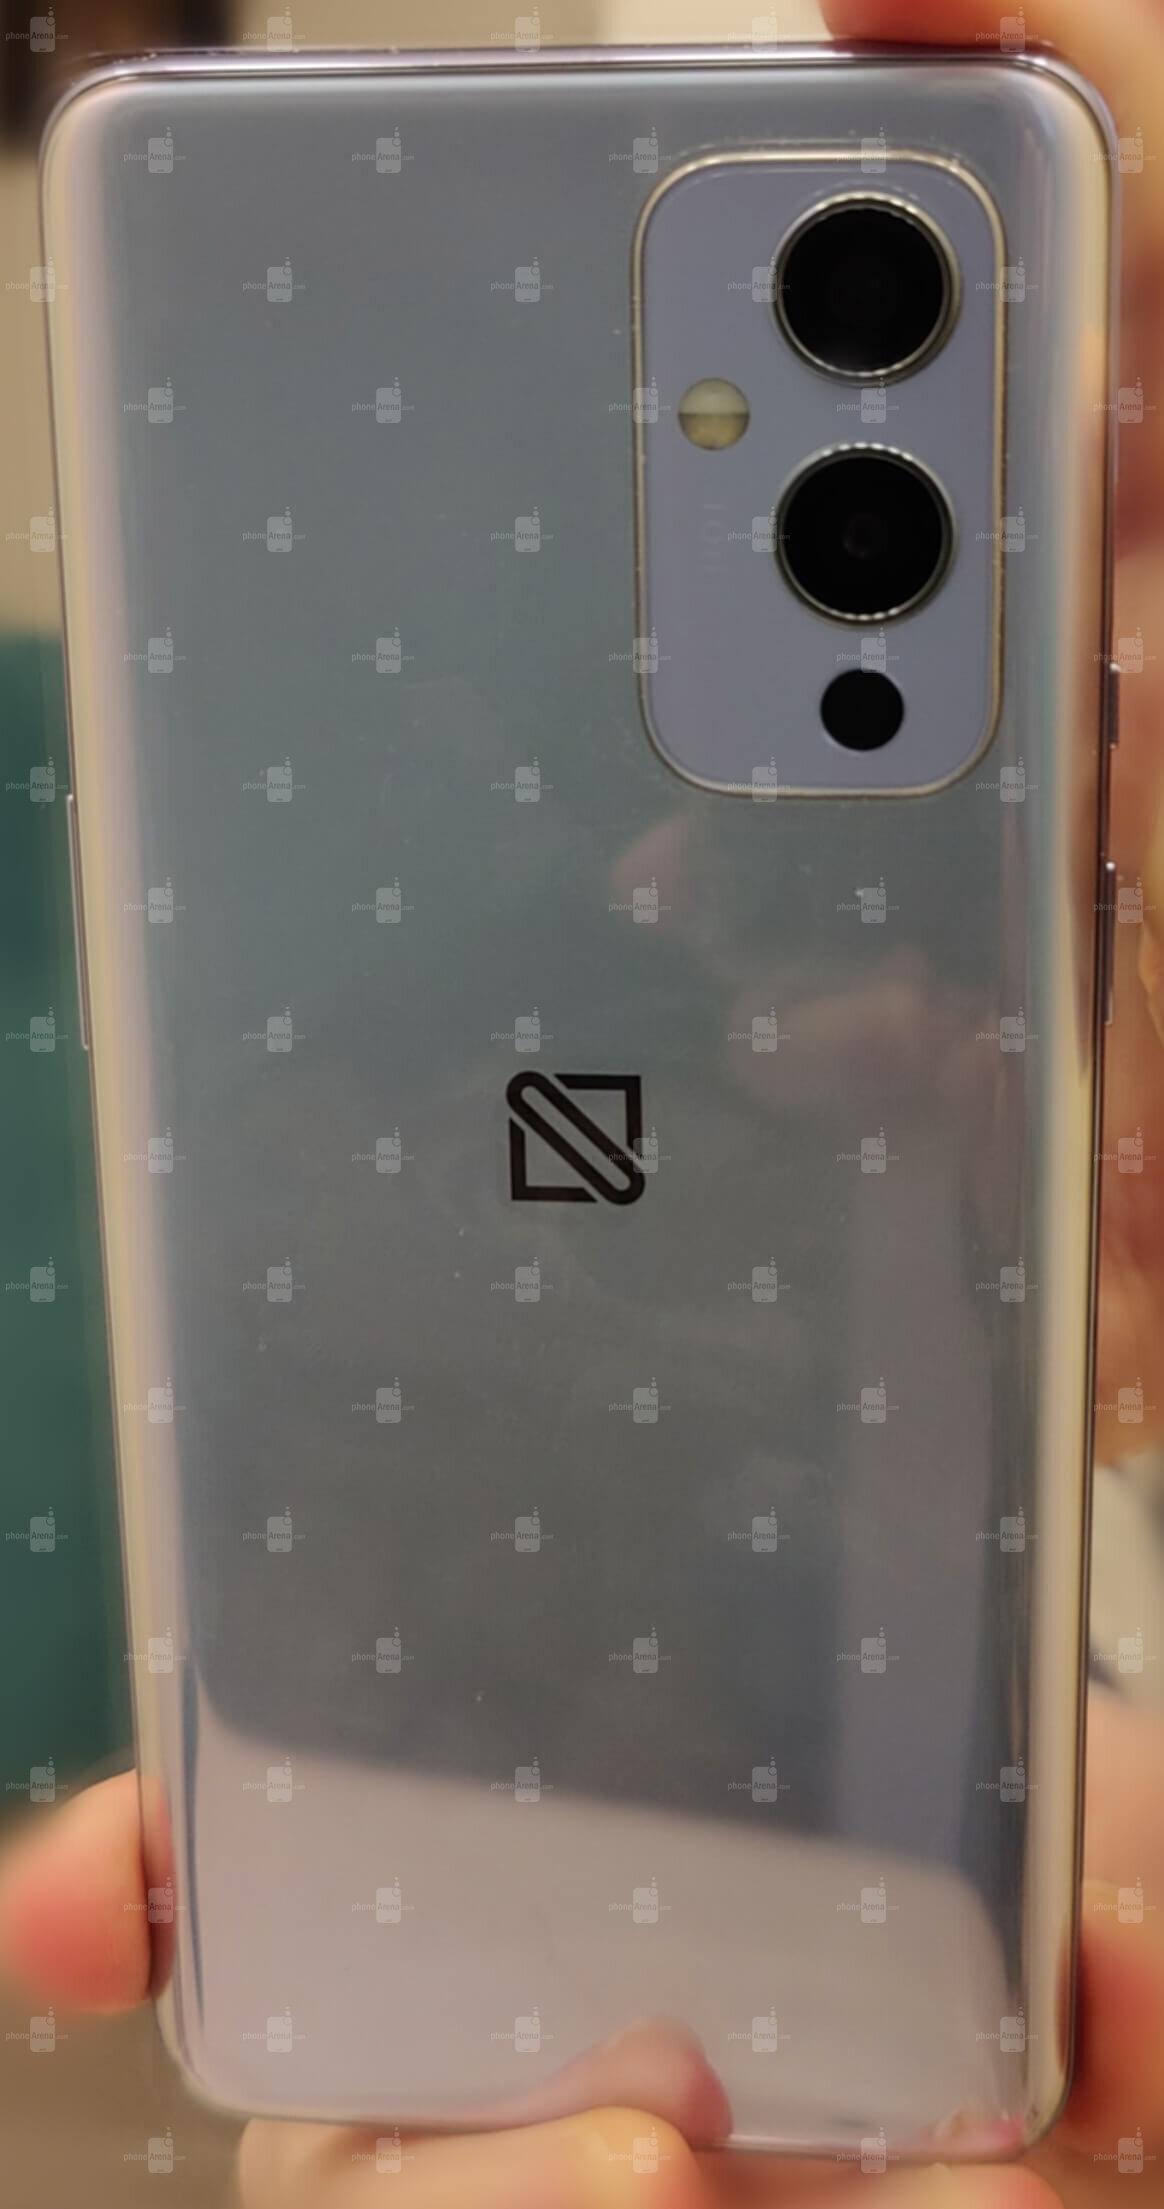 OnePlus 9 lộ ảnh thực tế: Cụm camera thiết kế mới, màn hình nốt ruồi 120Hz, chạy chip Snapdragon 888, ra mắt đầu năm sau - Ảnh 2.